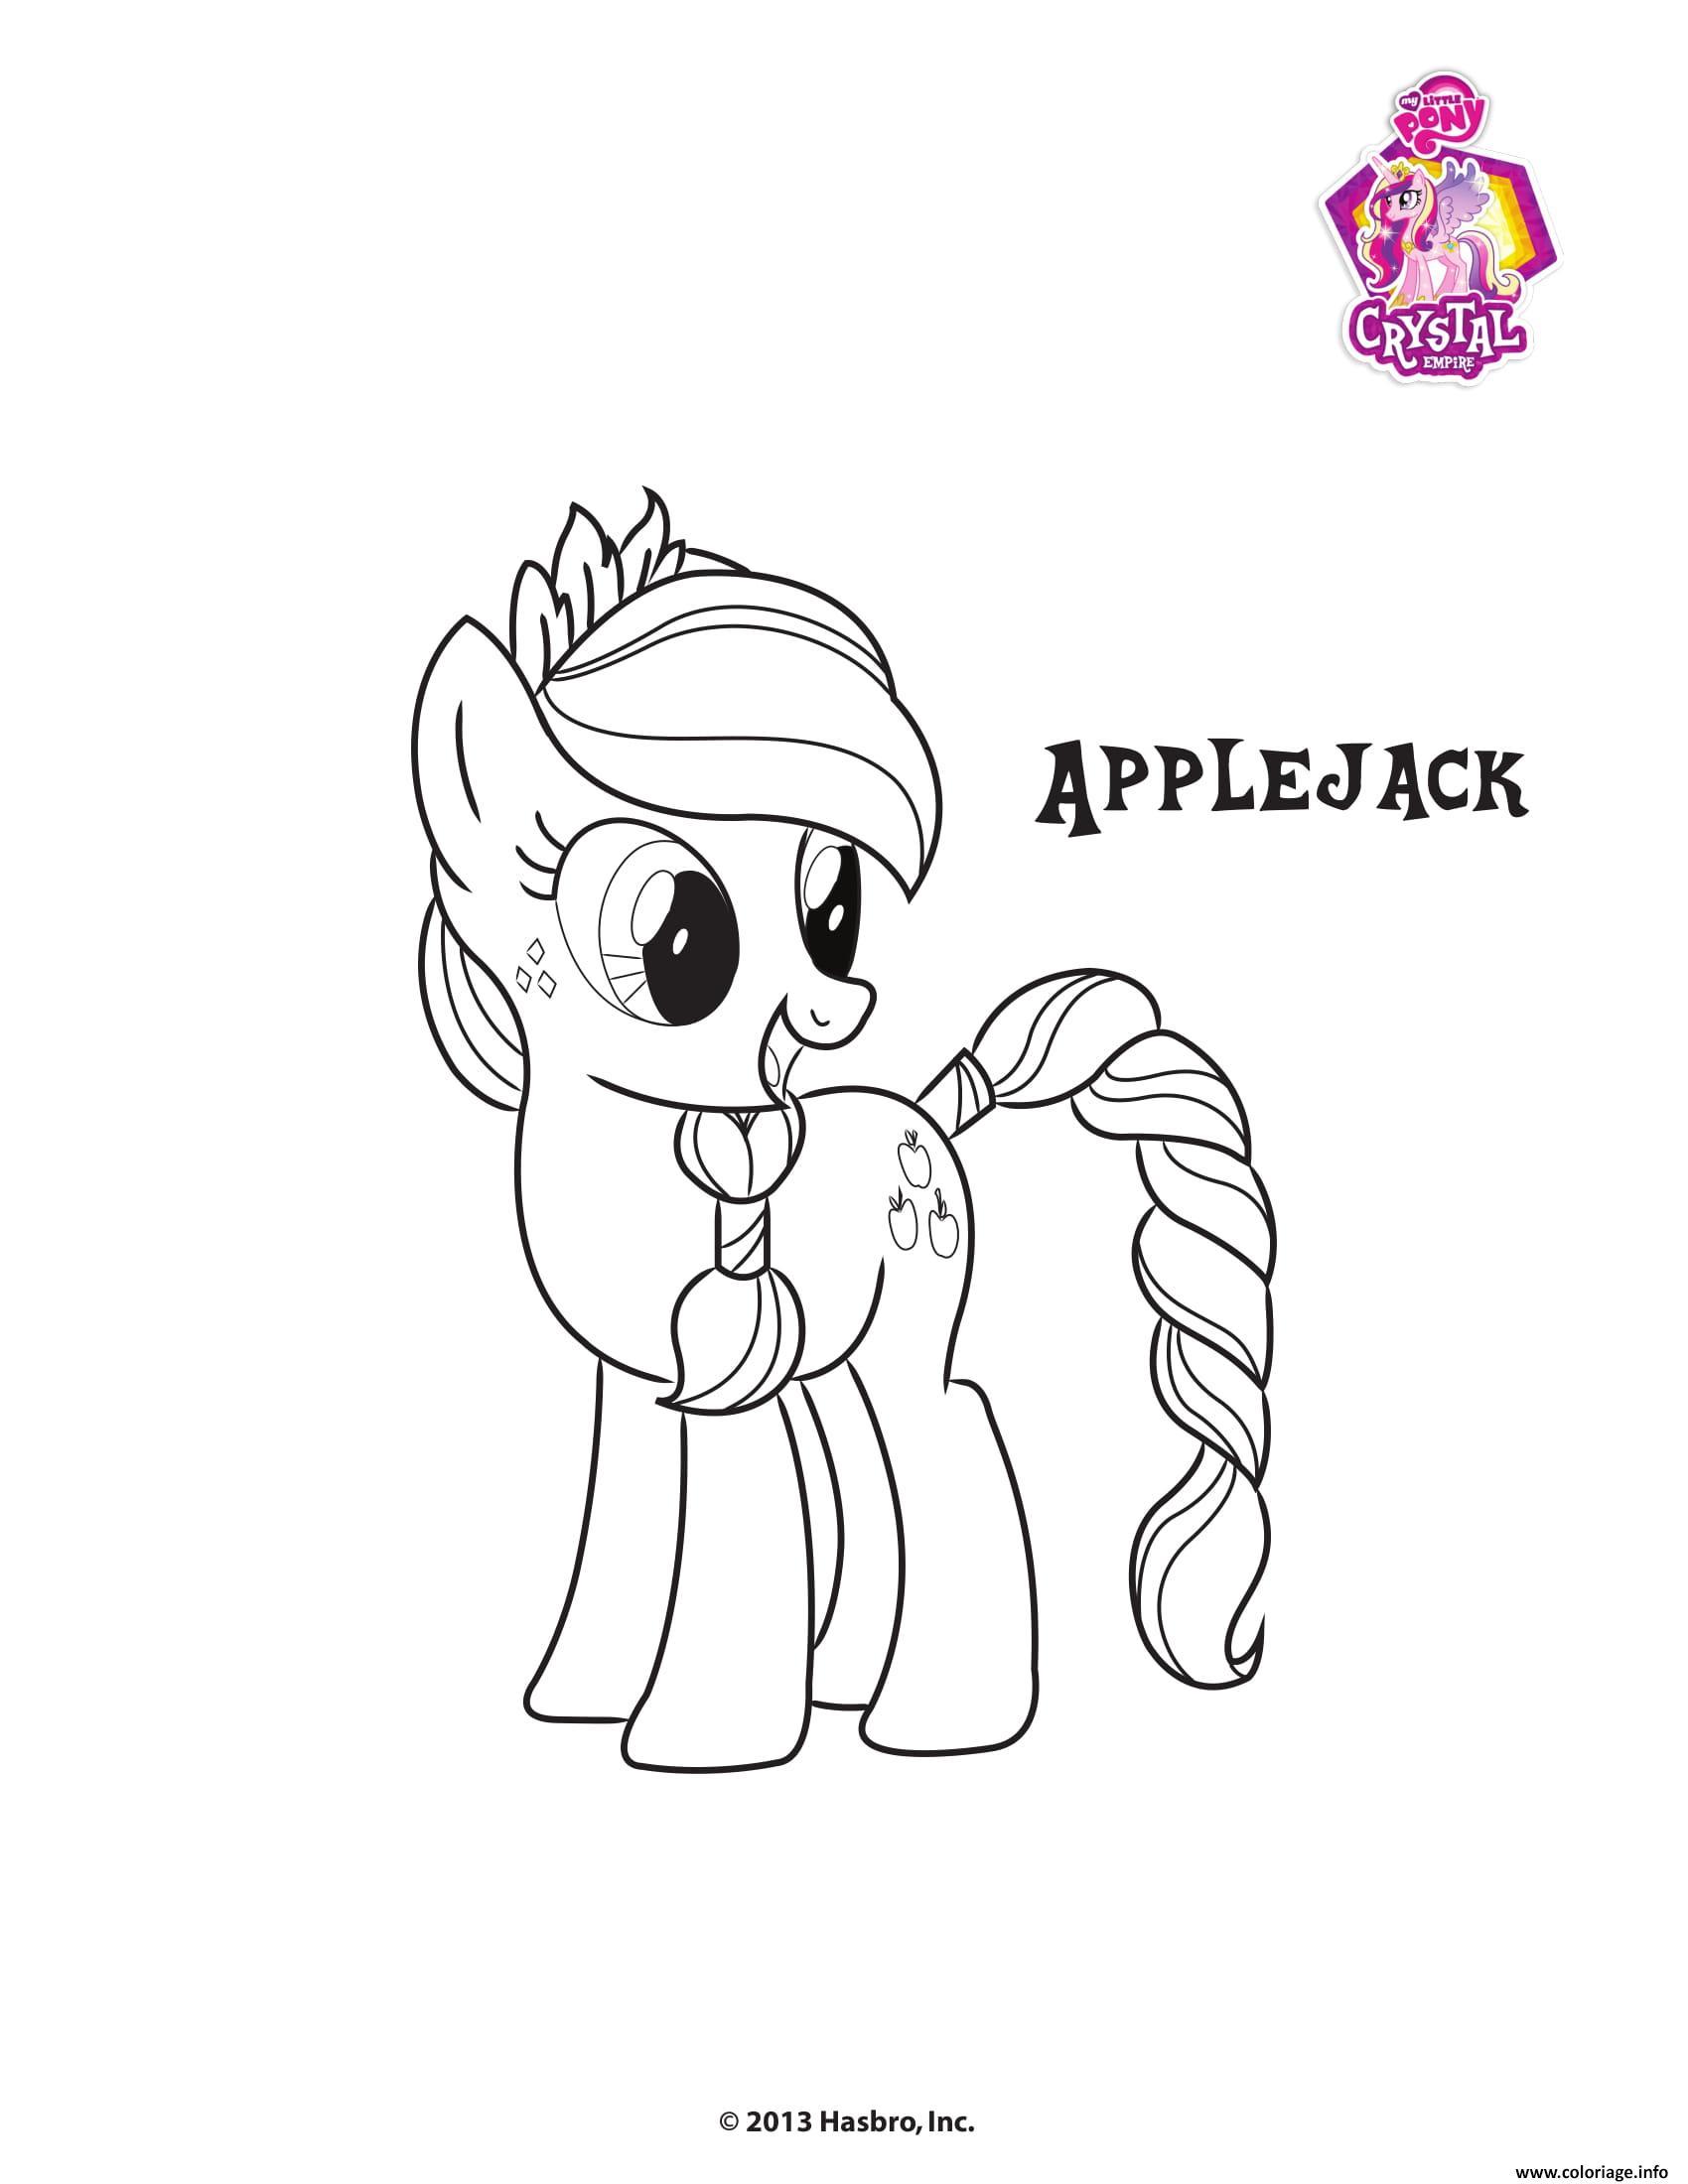 Dessin Applejack Crystal Empire My little pony Coloriage Gratuit à Imprimer